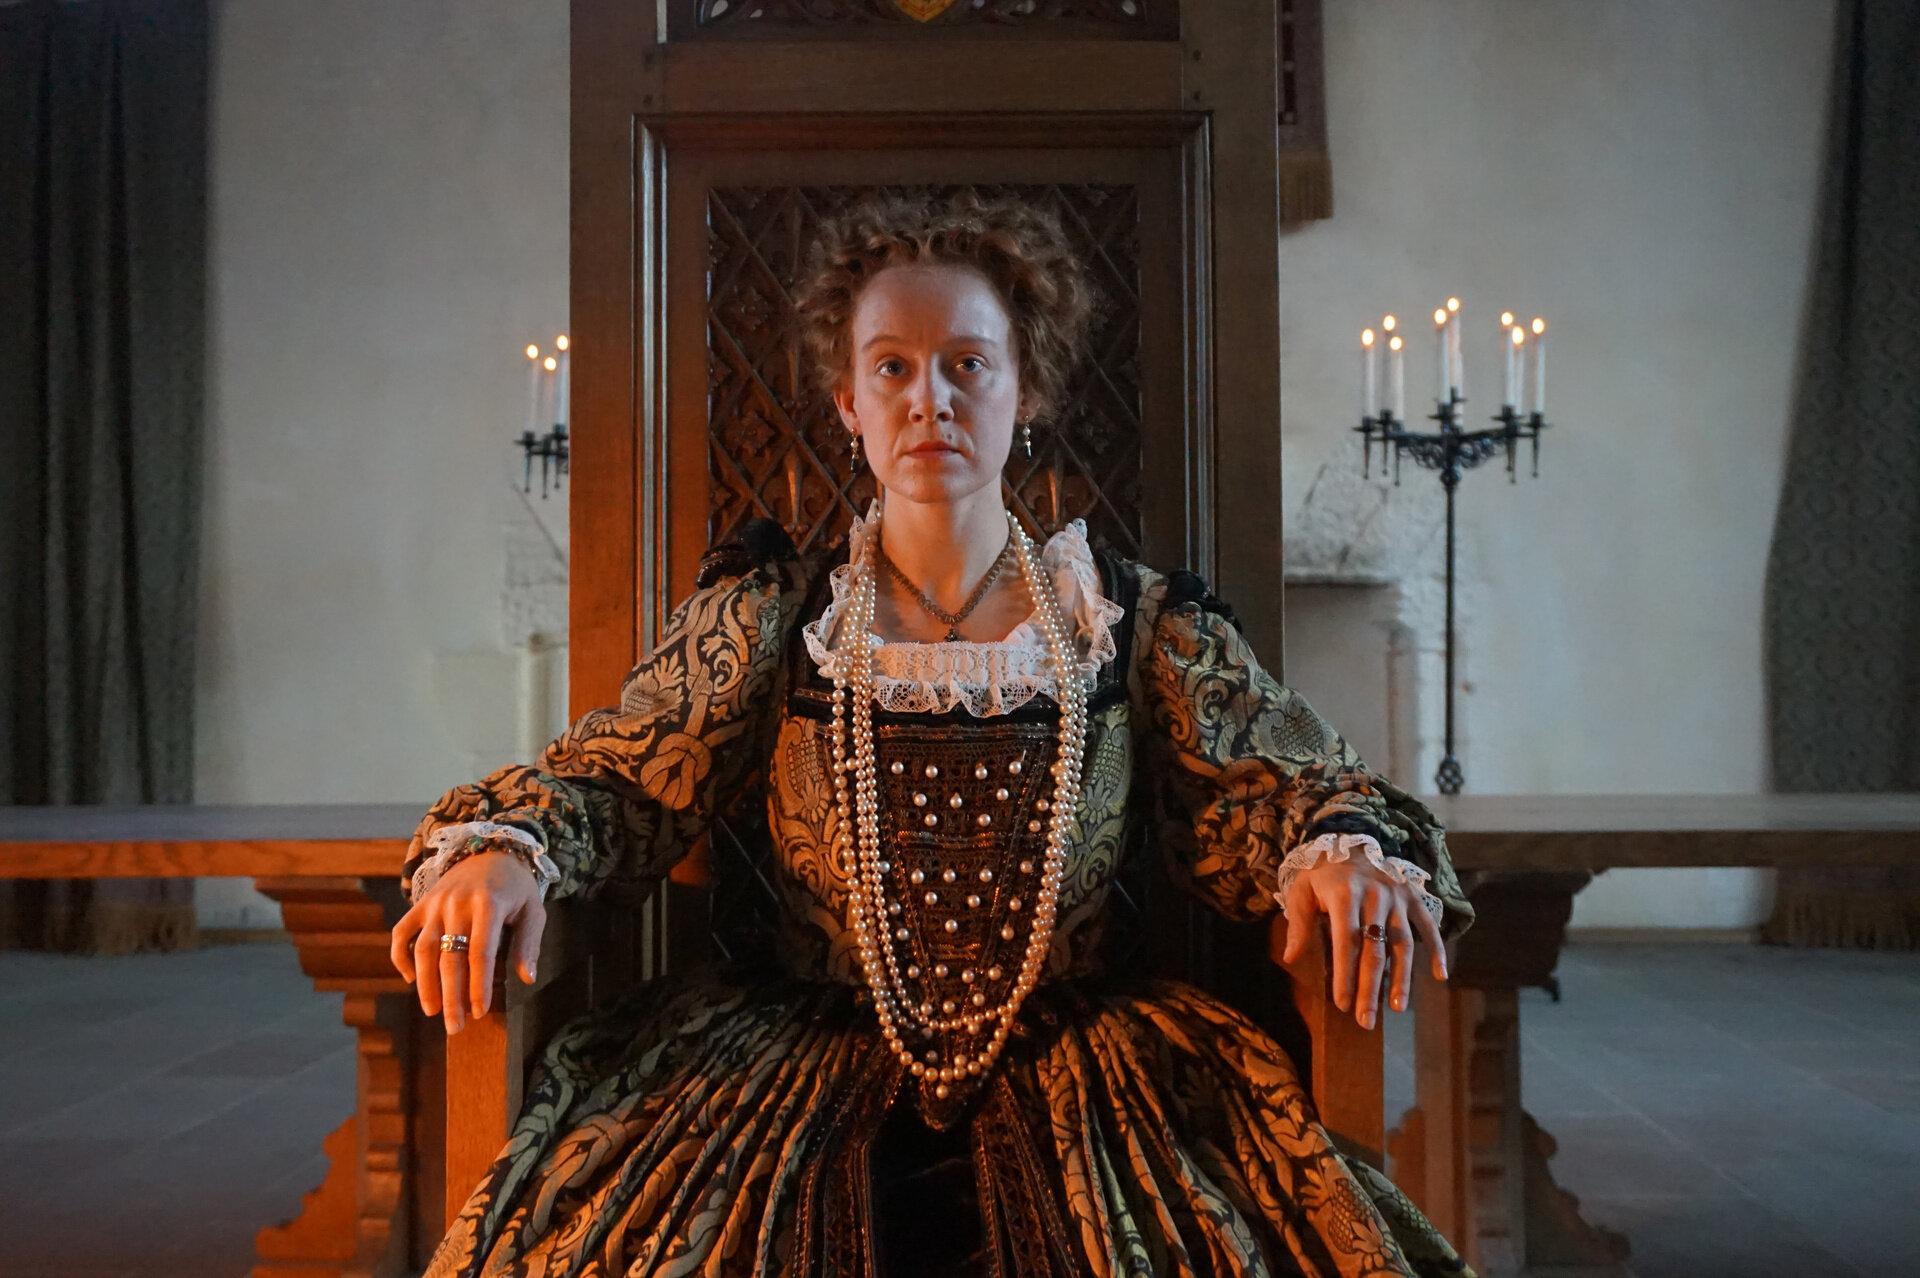 Die Clans bestimmen über das Schicksal der jungen schottischen Königin Maria Stewart. Sie ist gefangen in einem Netz aus Verschwörungen, Gegenverschwörungen und blutigen Machtkämpfen.  © ZDF/BBC Studios